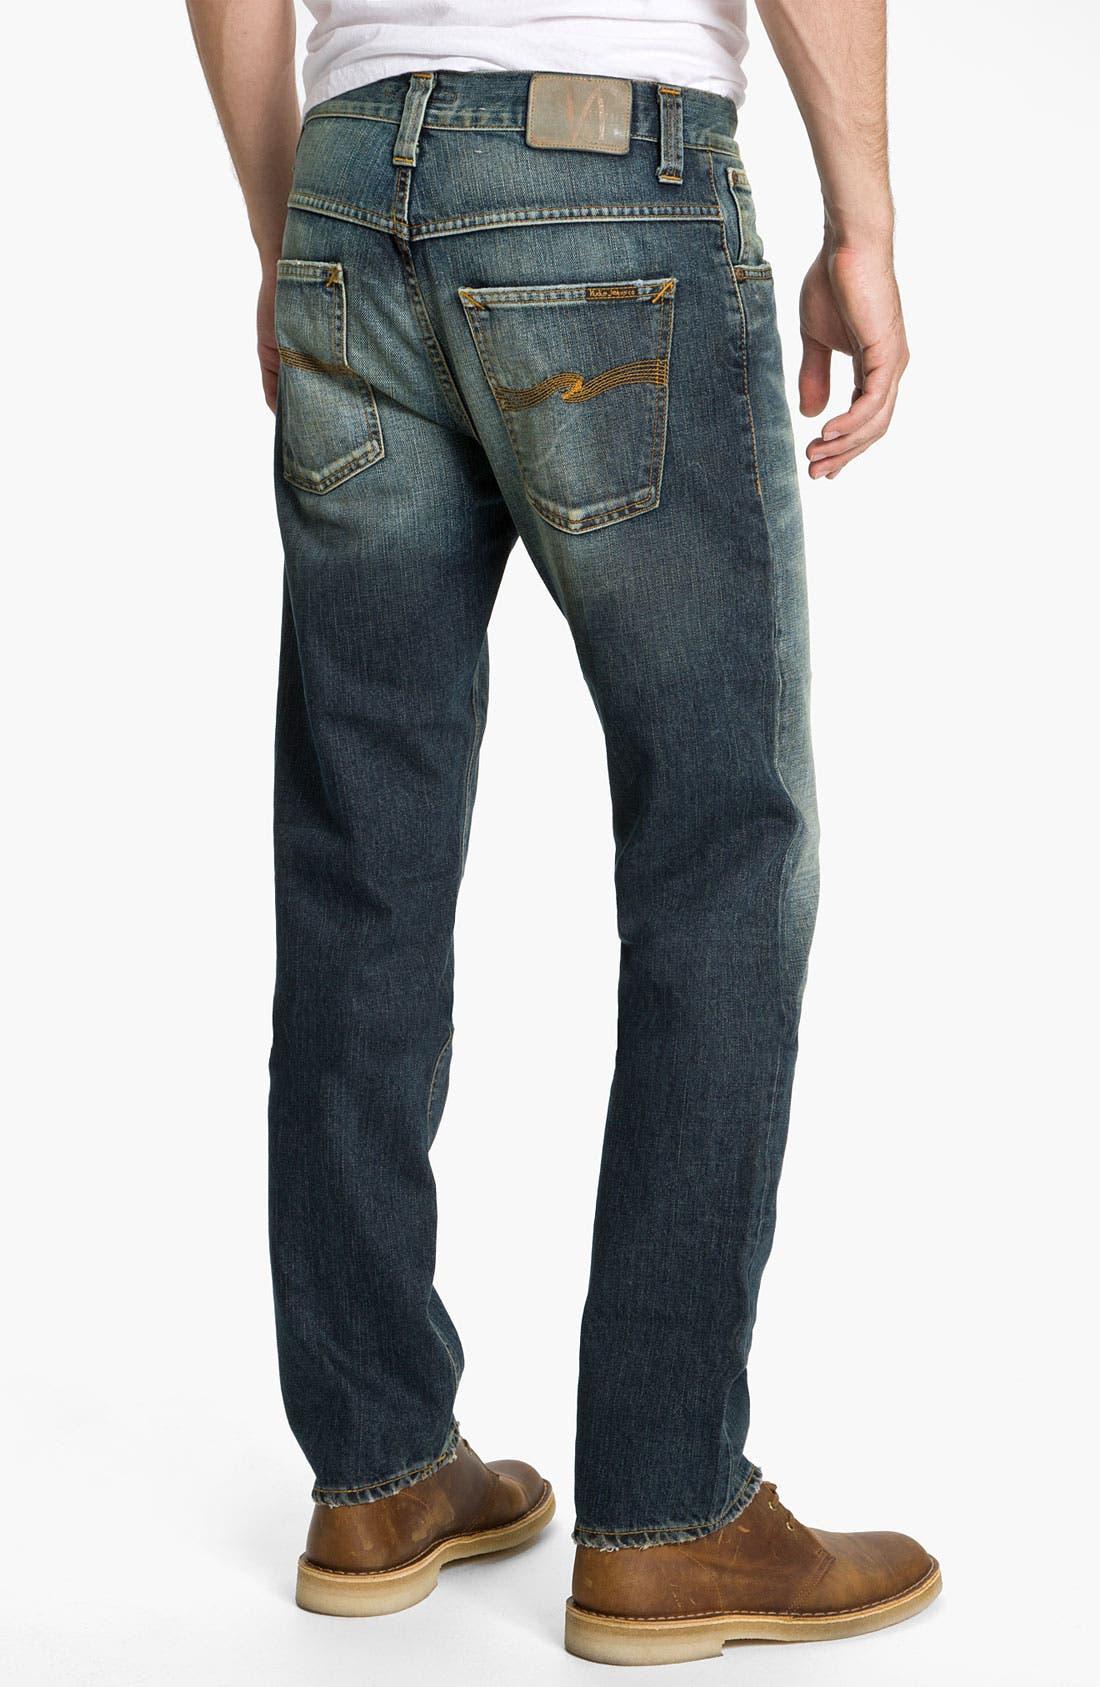 Alternate Image 1 Selected - Nudie 'Hank Rey' Straight Leg Jeans (Organic Used Favorite)